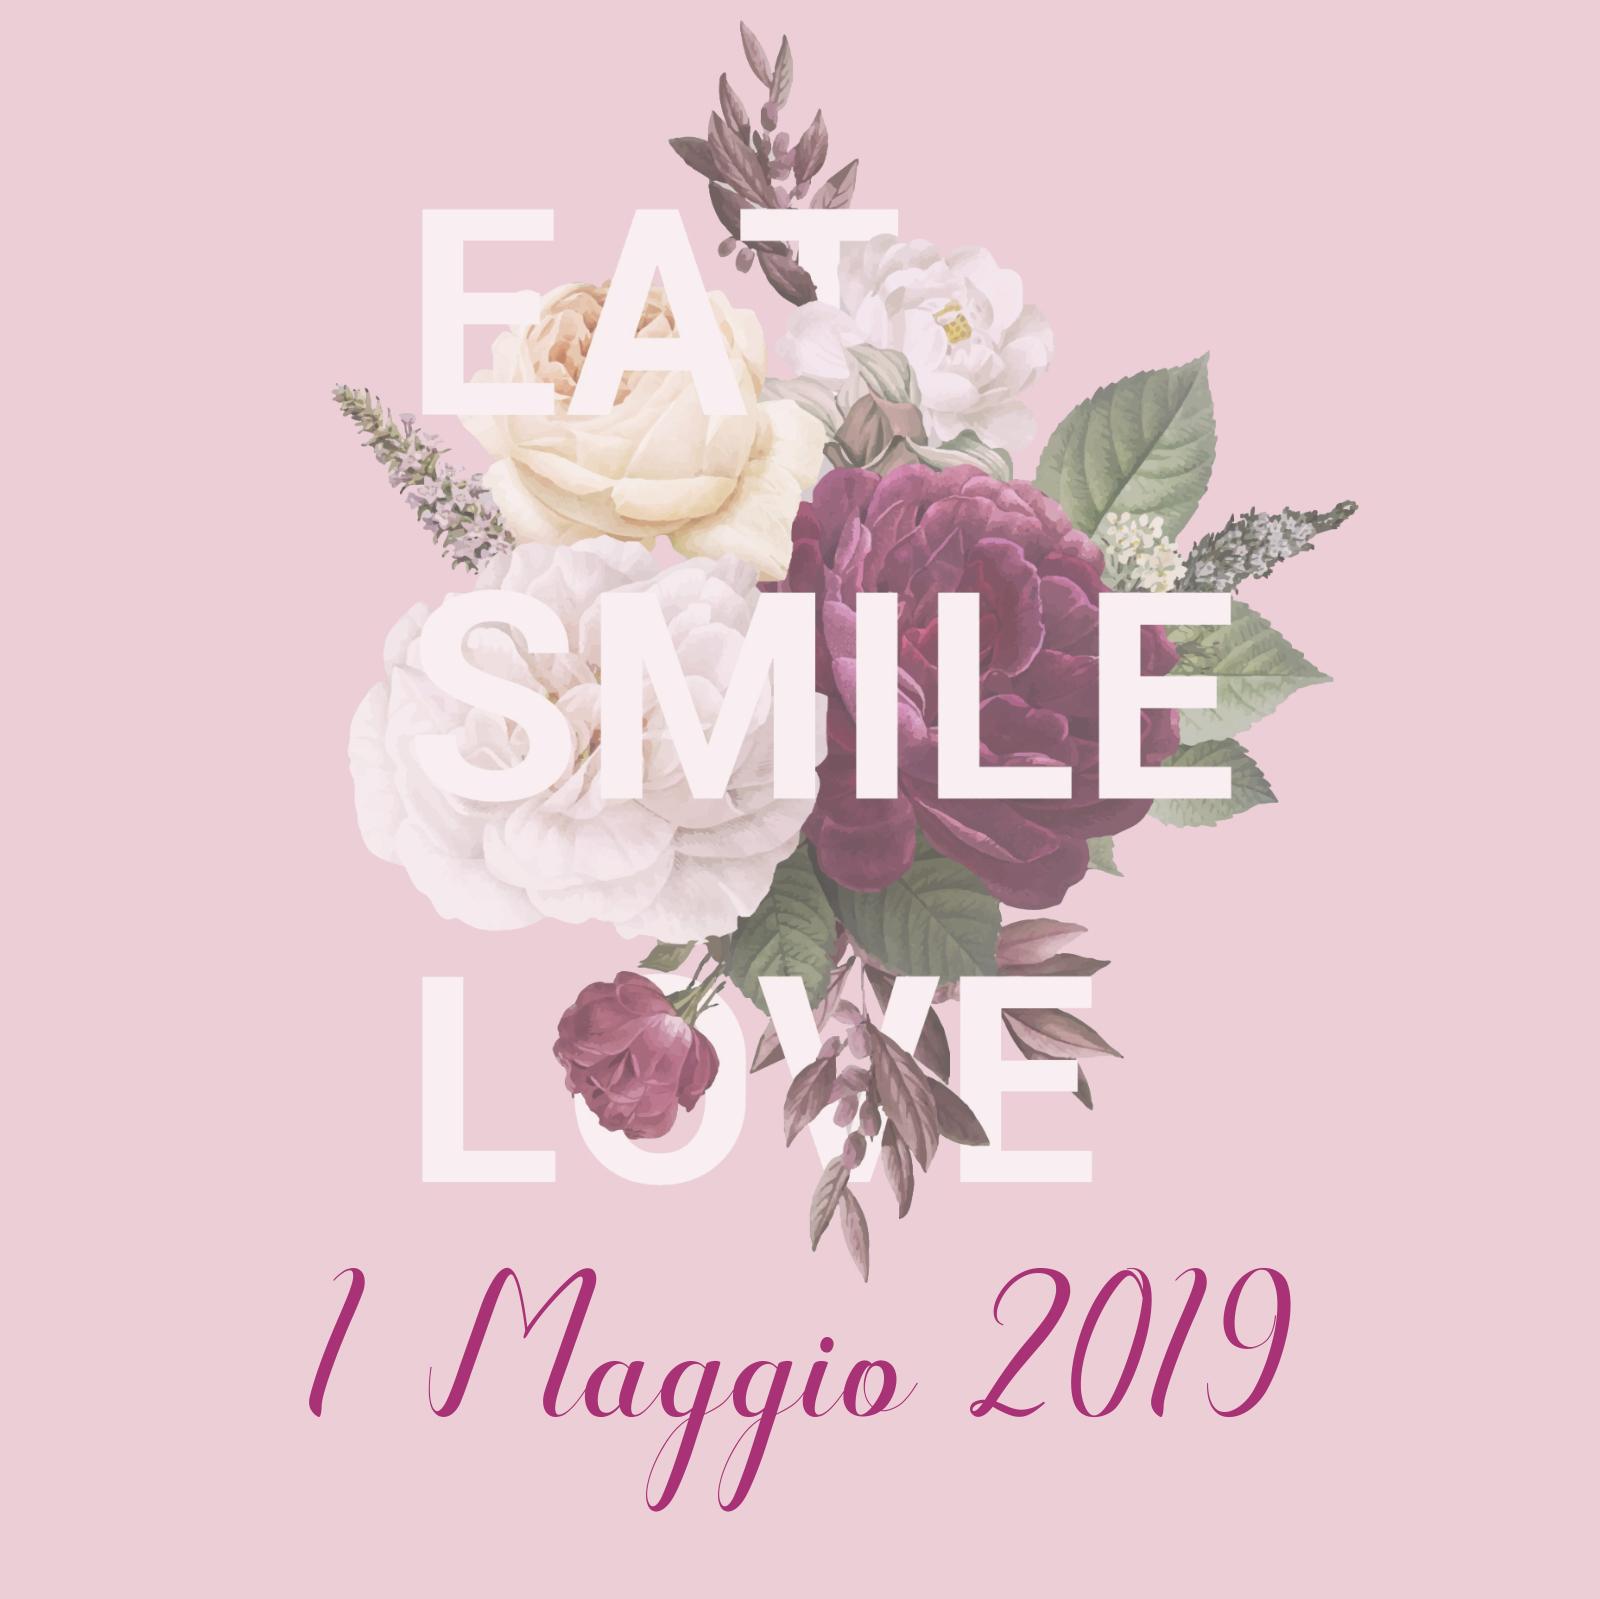 1 Maggio – Eat Smile Love